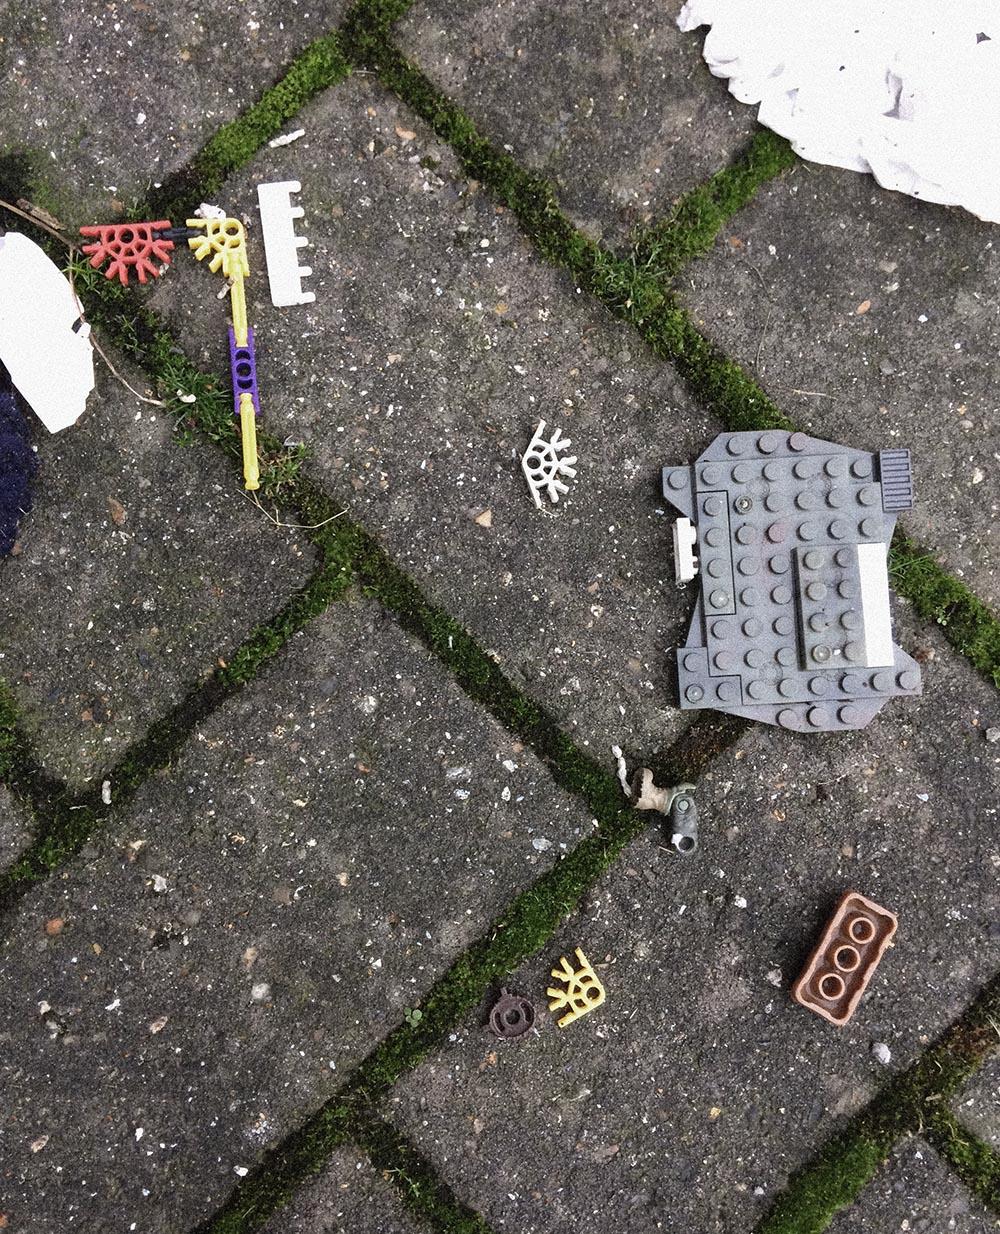 Rubbish - LEGO pieces